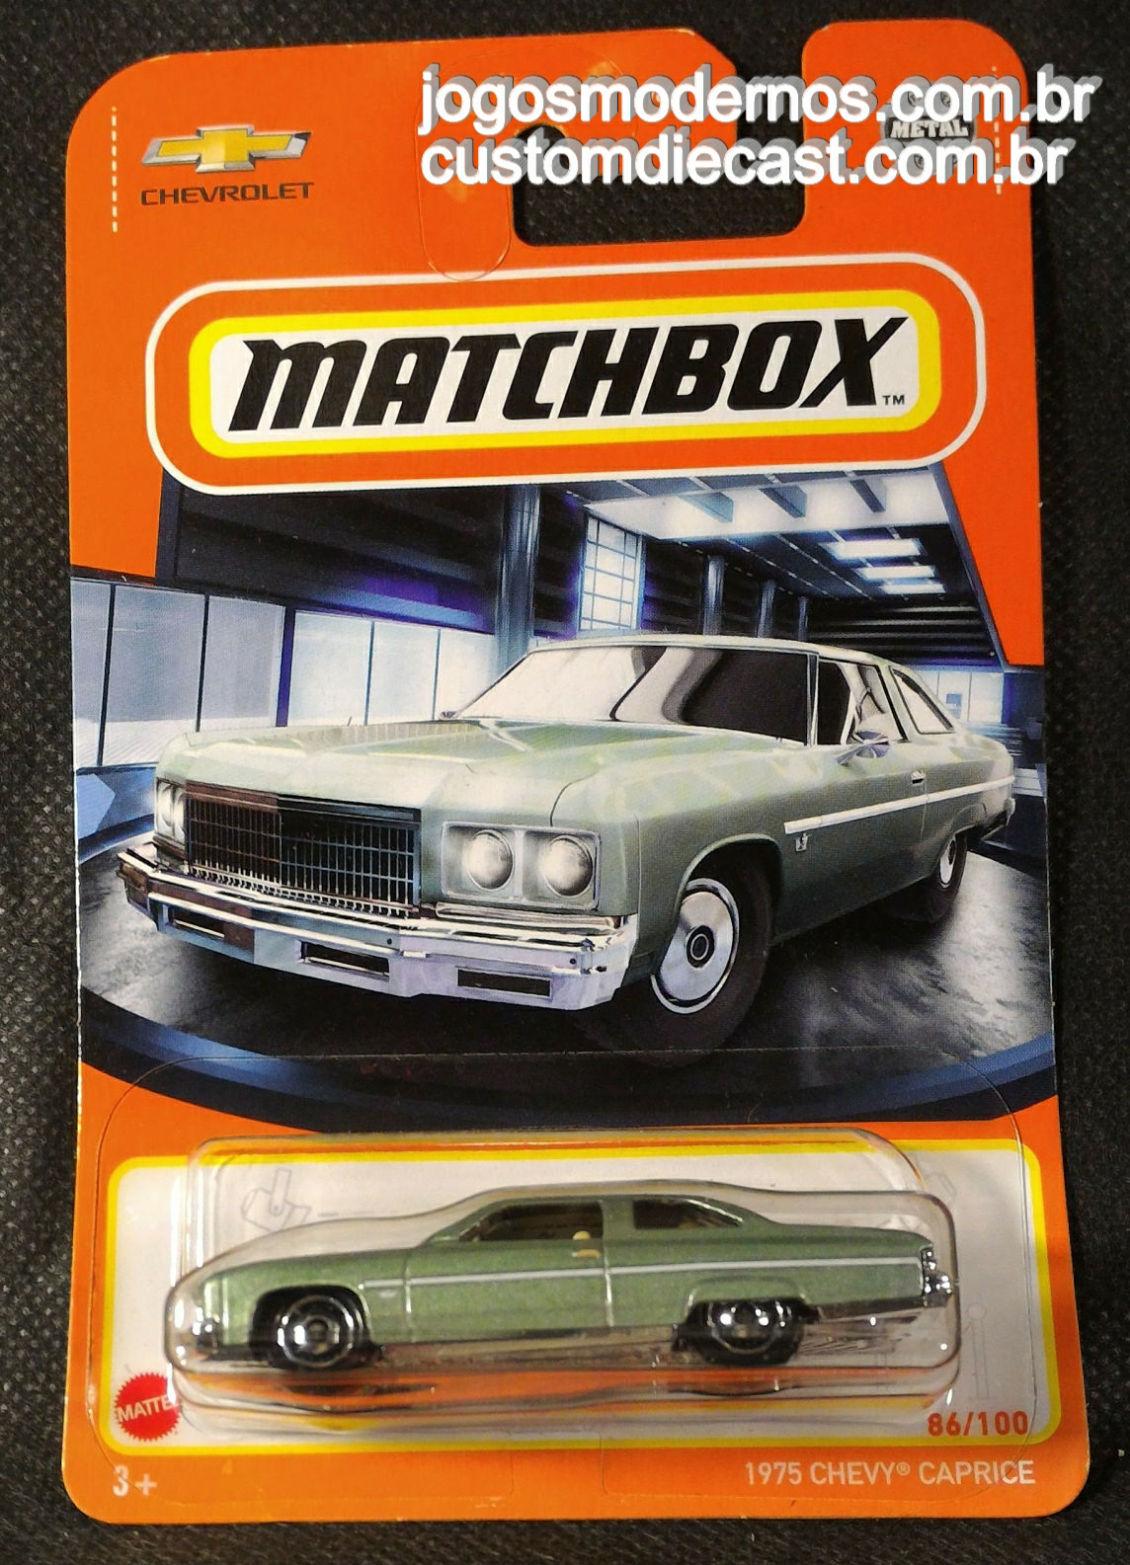 1975 Chevy Caprice